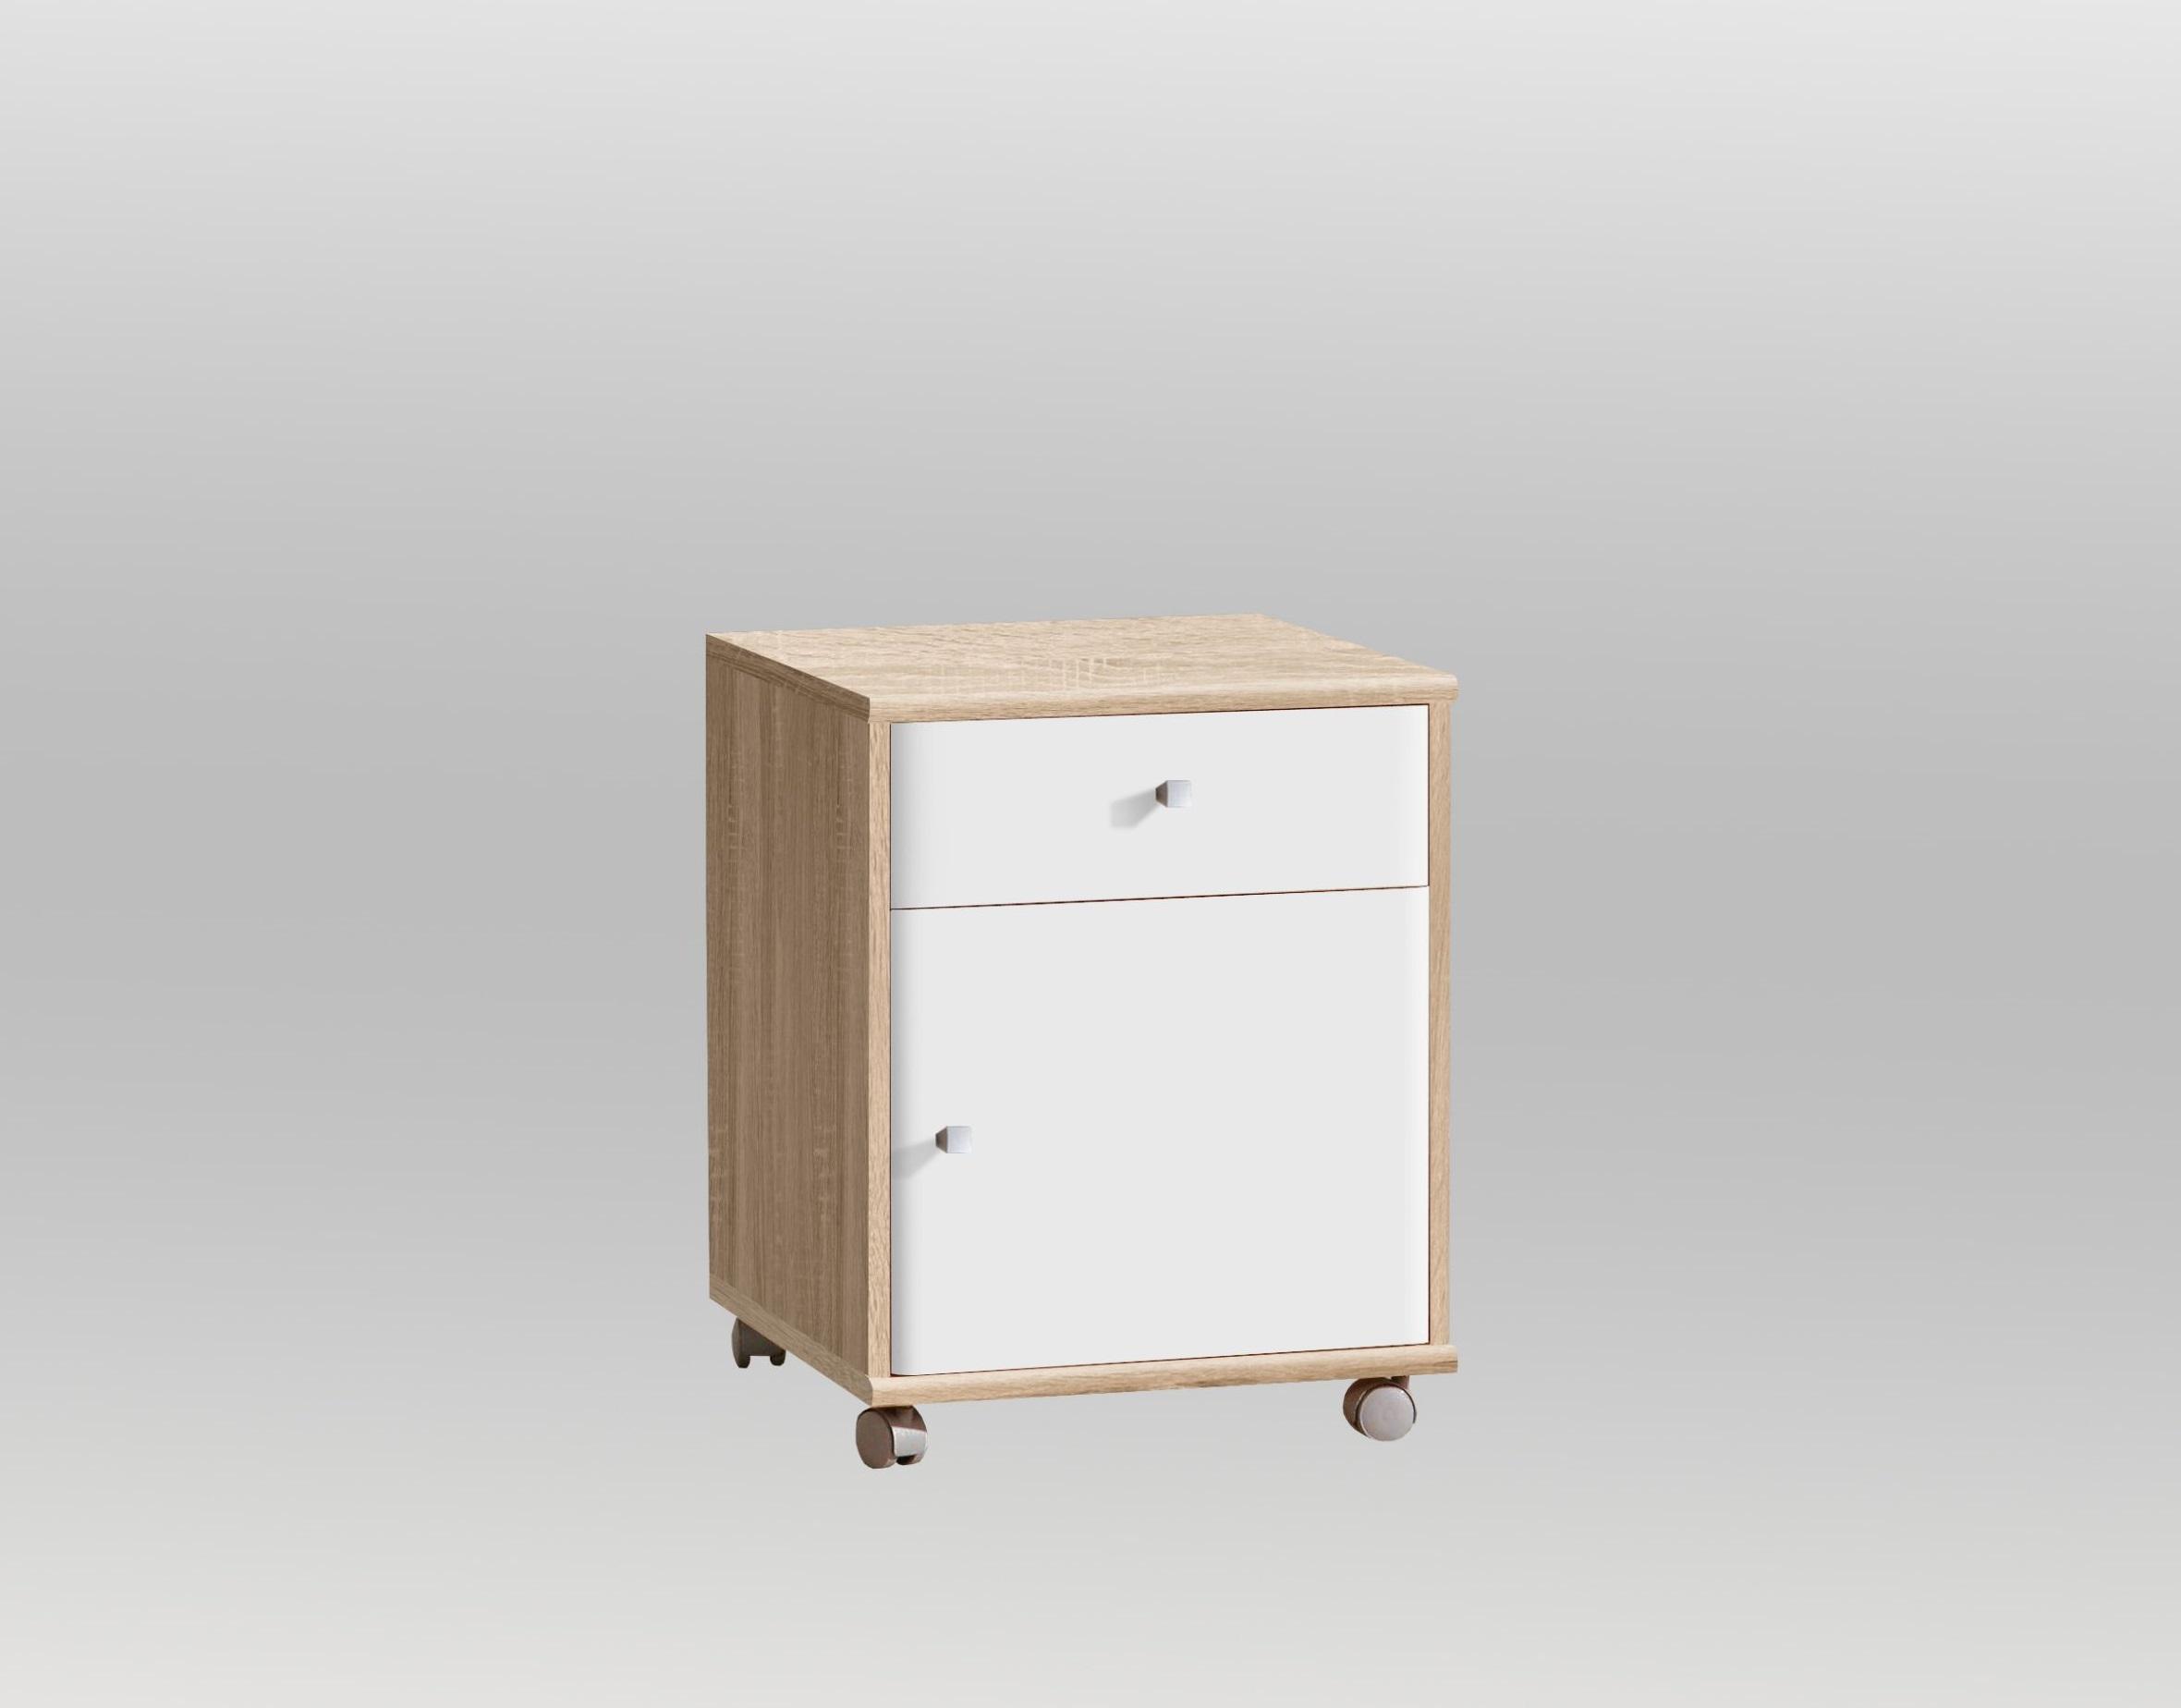 tempra schreibtisch unterschrank f r arbeitszimmer by. Black Bedroom Furniture Sets. Home Design Ideas